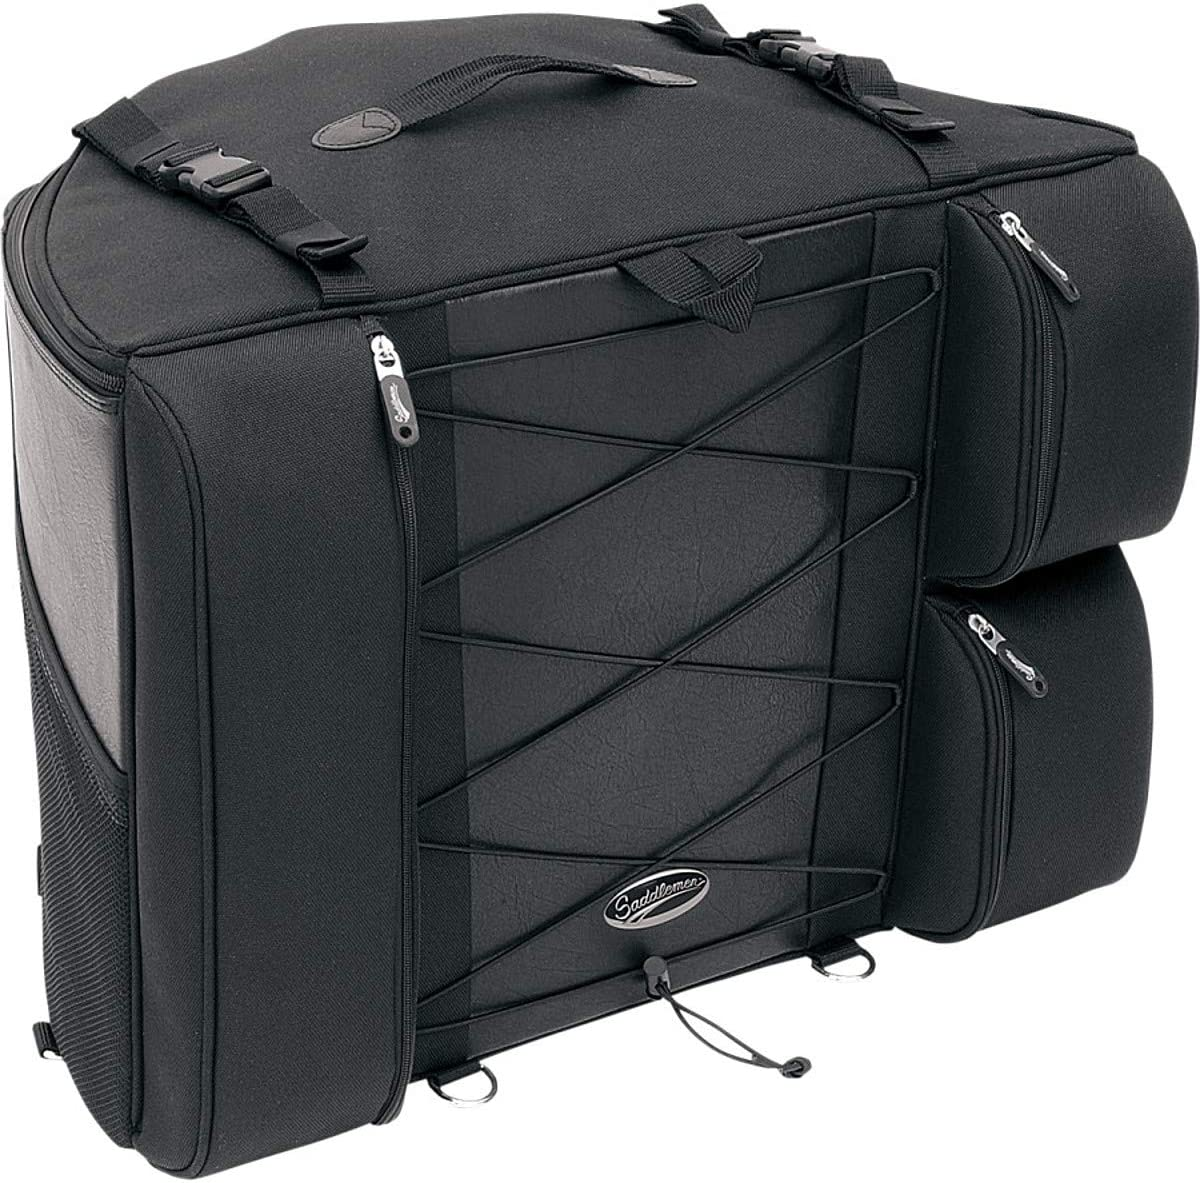 Trash Pack Backpack with Adjustable Backstraps  Backpack with Adjustable Backstr